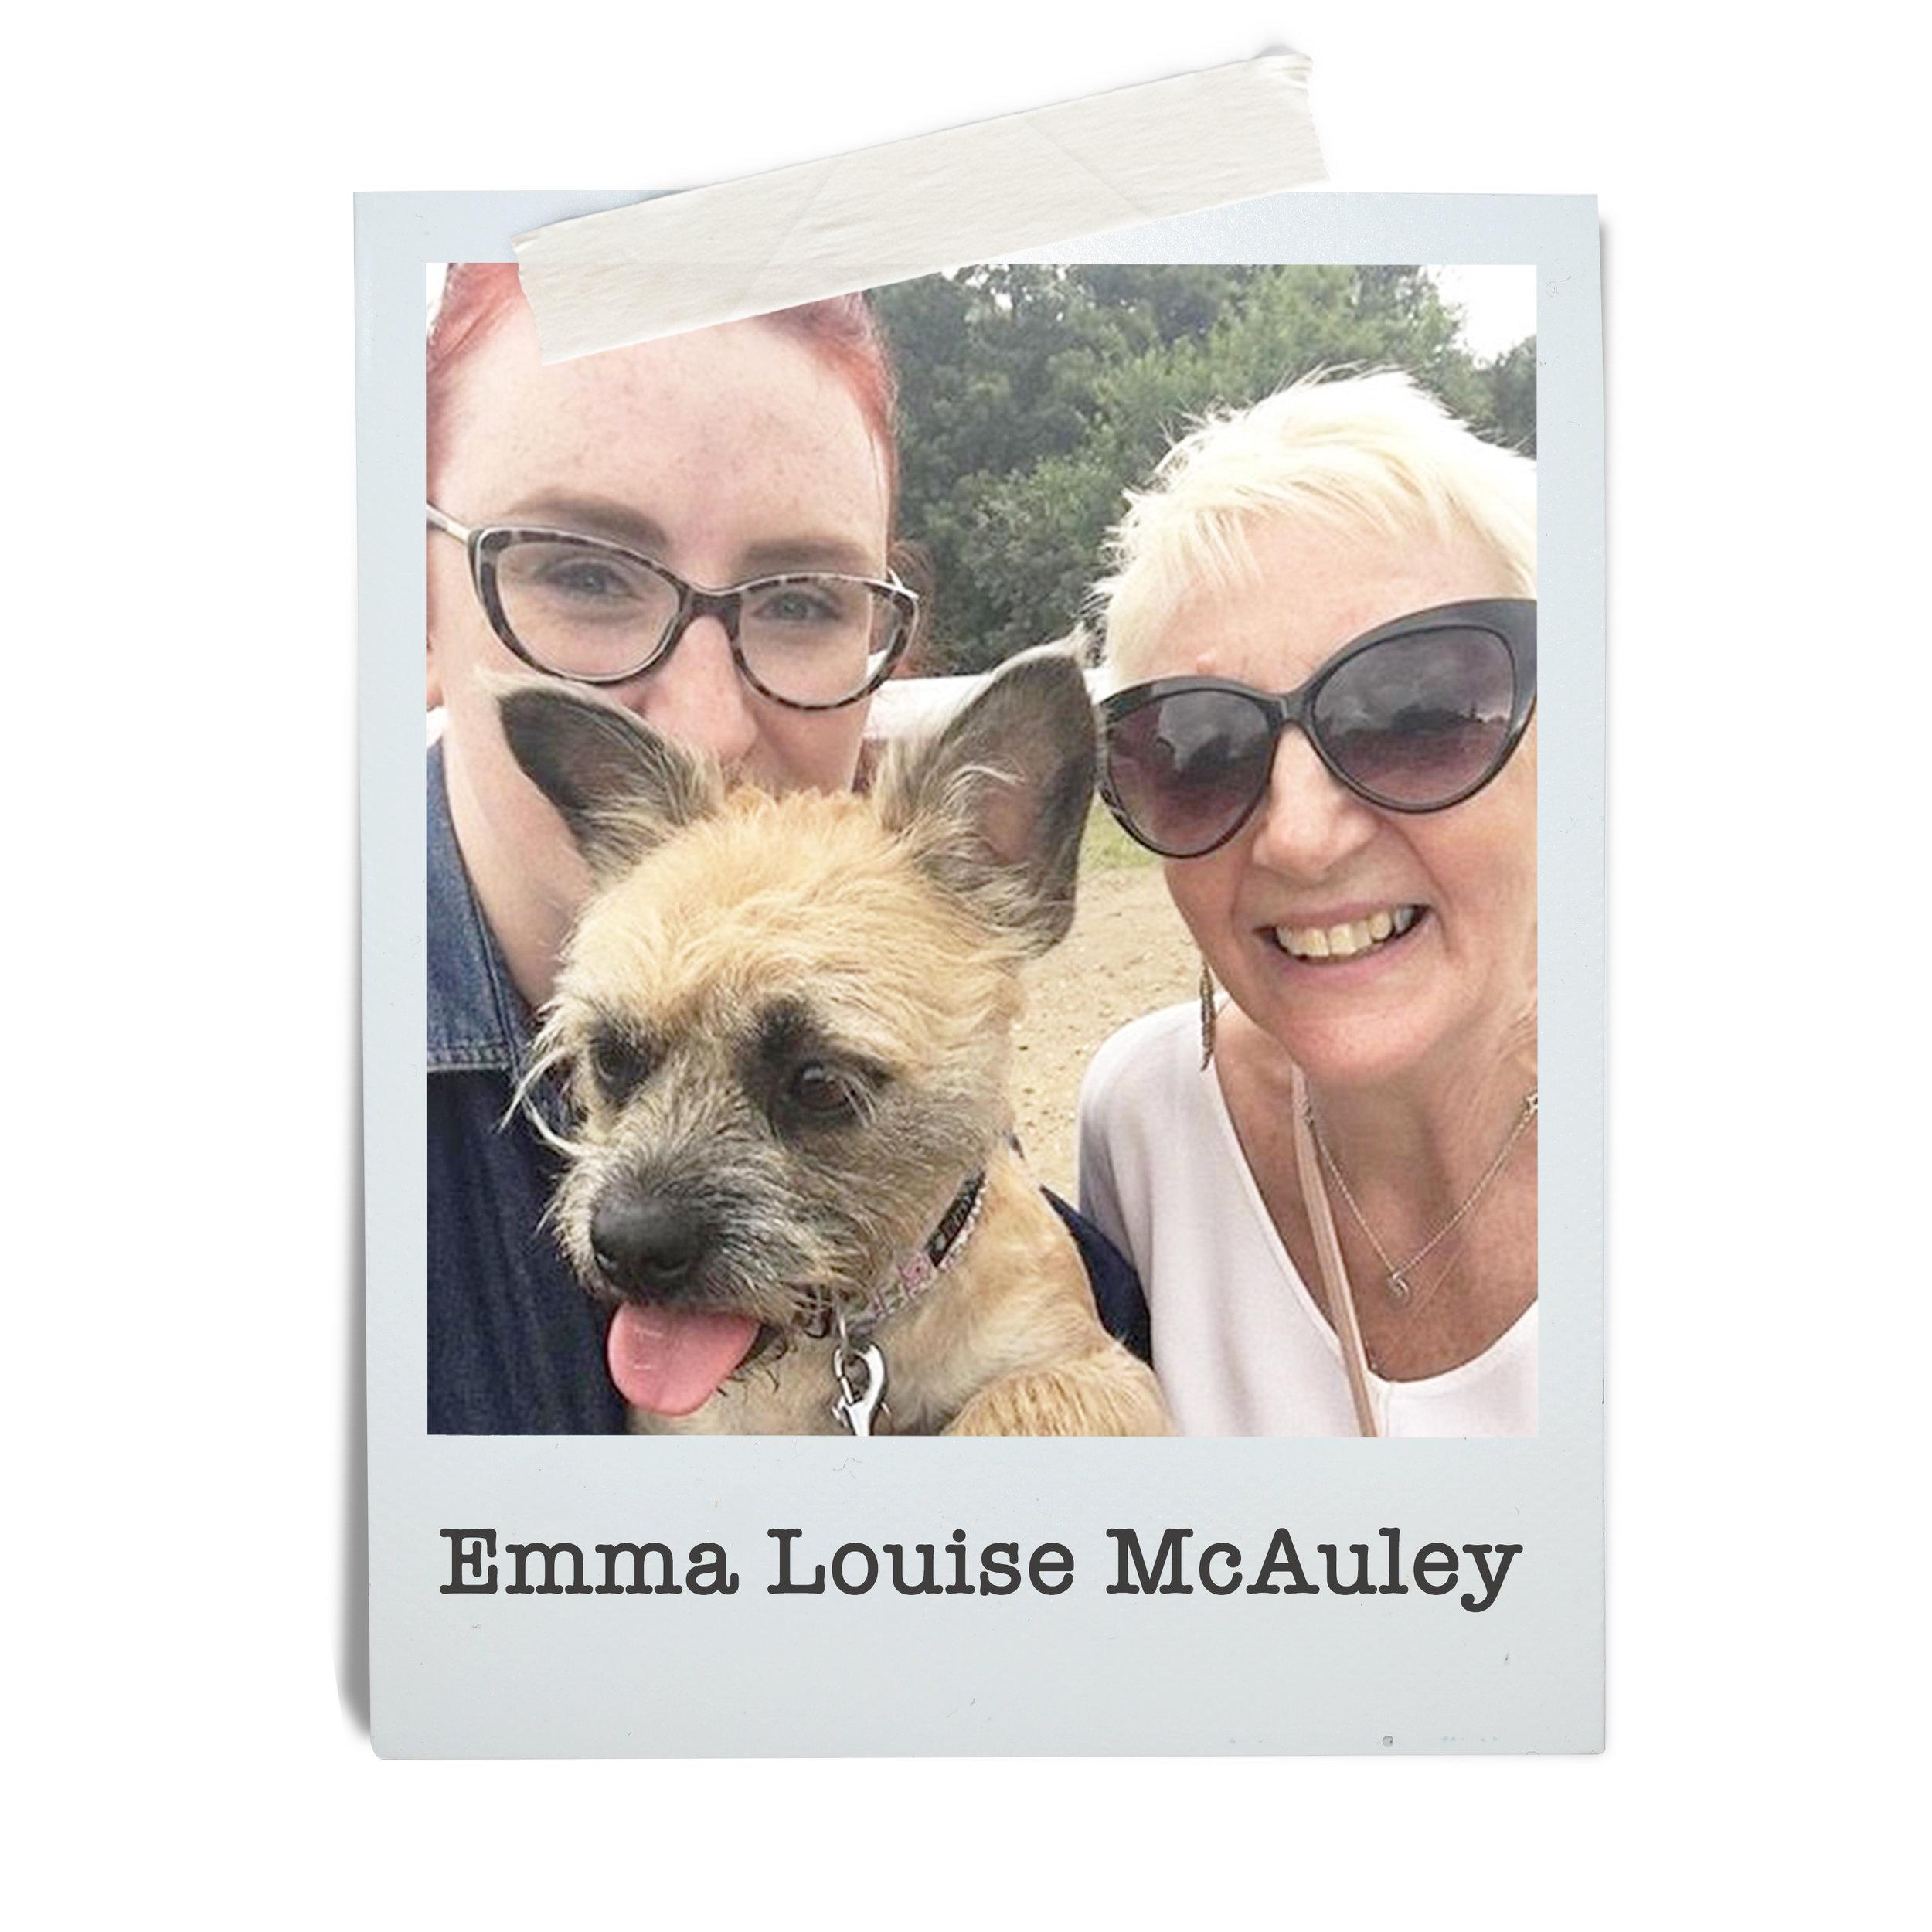 Emma Louise McAuley